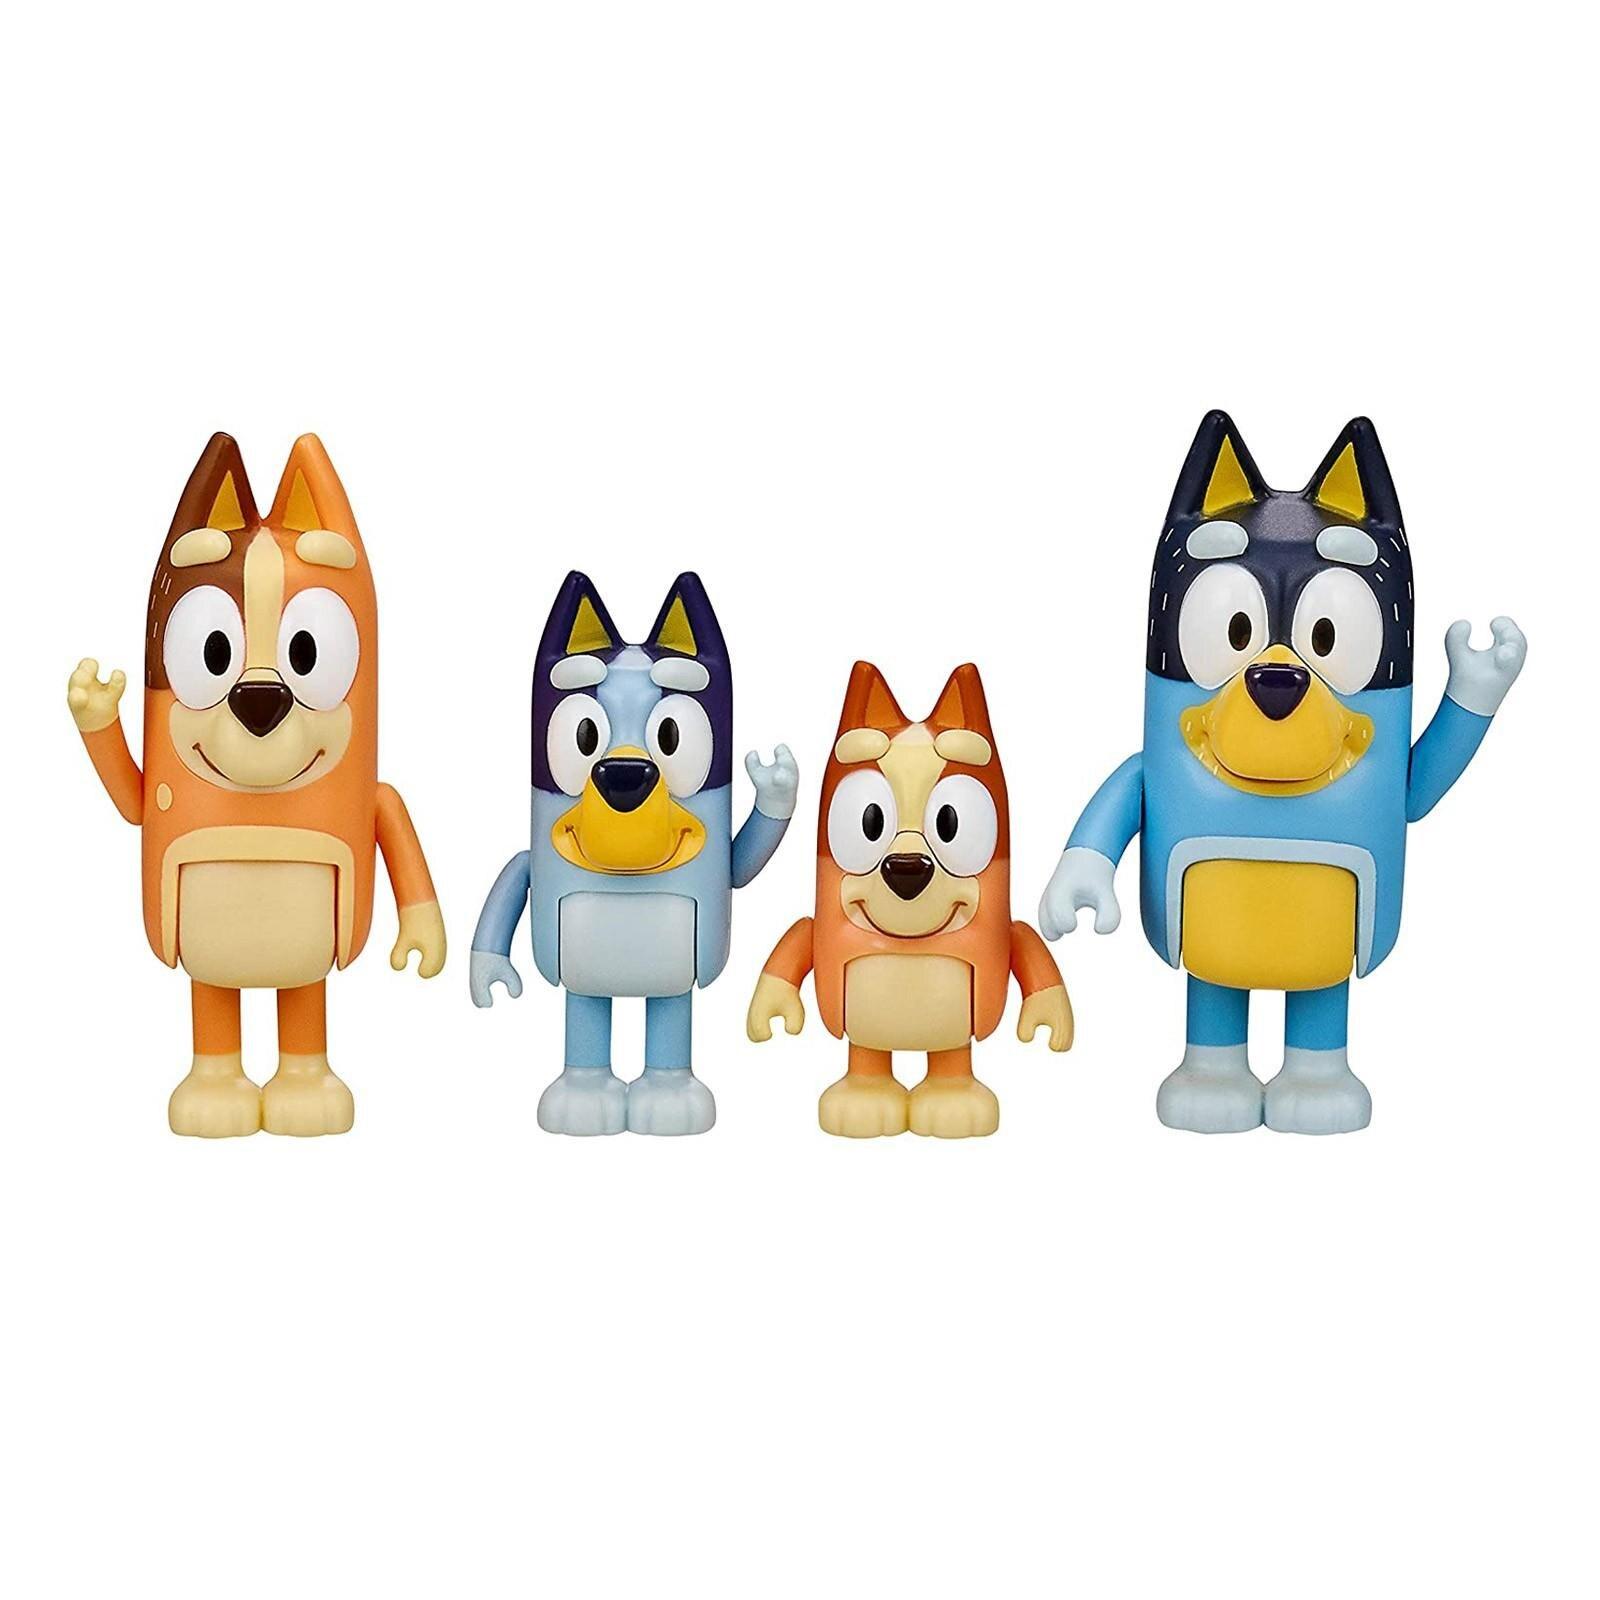 2 шт./лот Kawaii Bluey and Friends экшн-Фигурки игрушки дети мультфильм Bluey бинго собака животное Moedel кукла игрушки дети забавные подарки